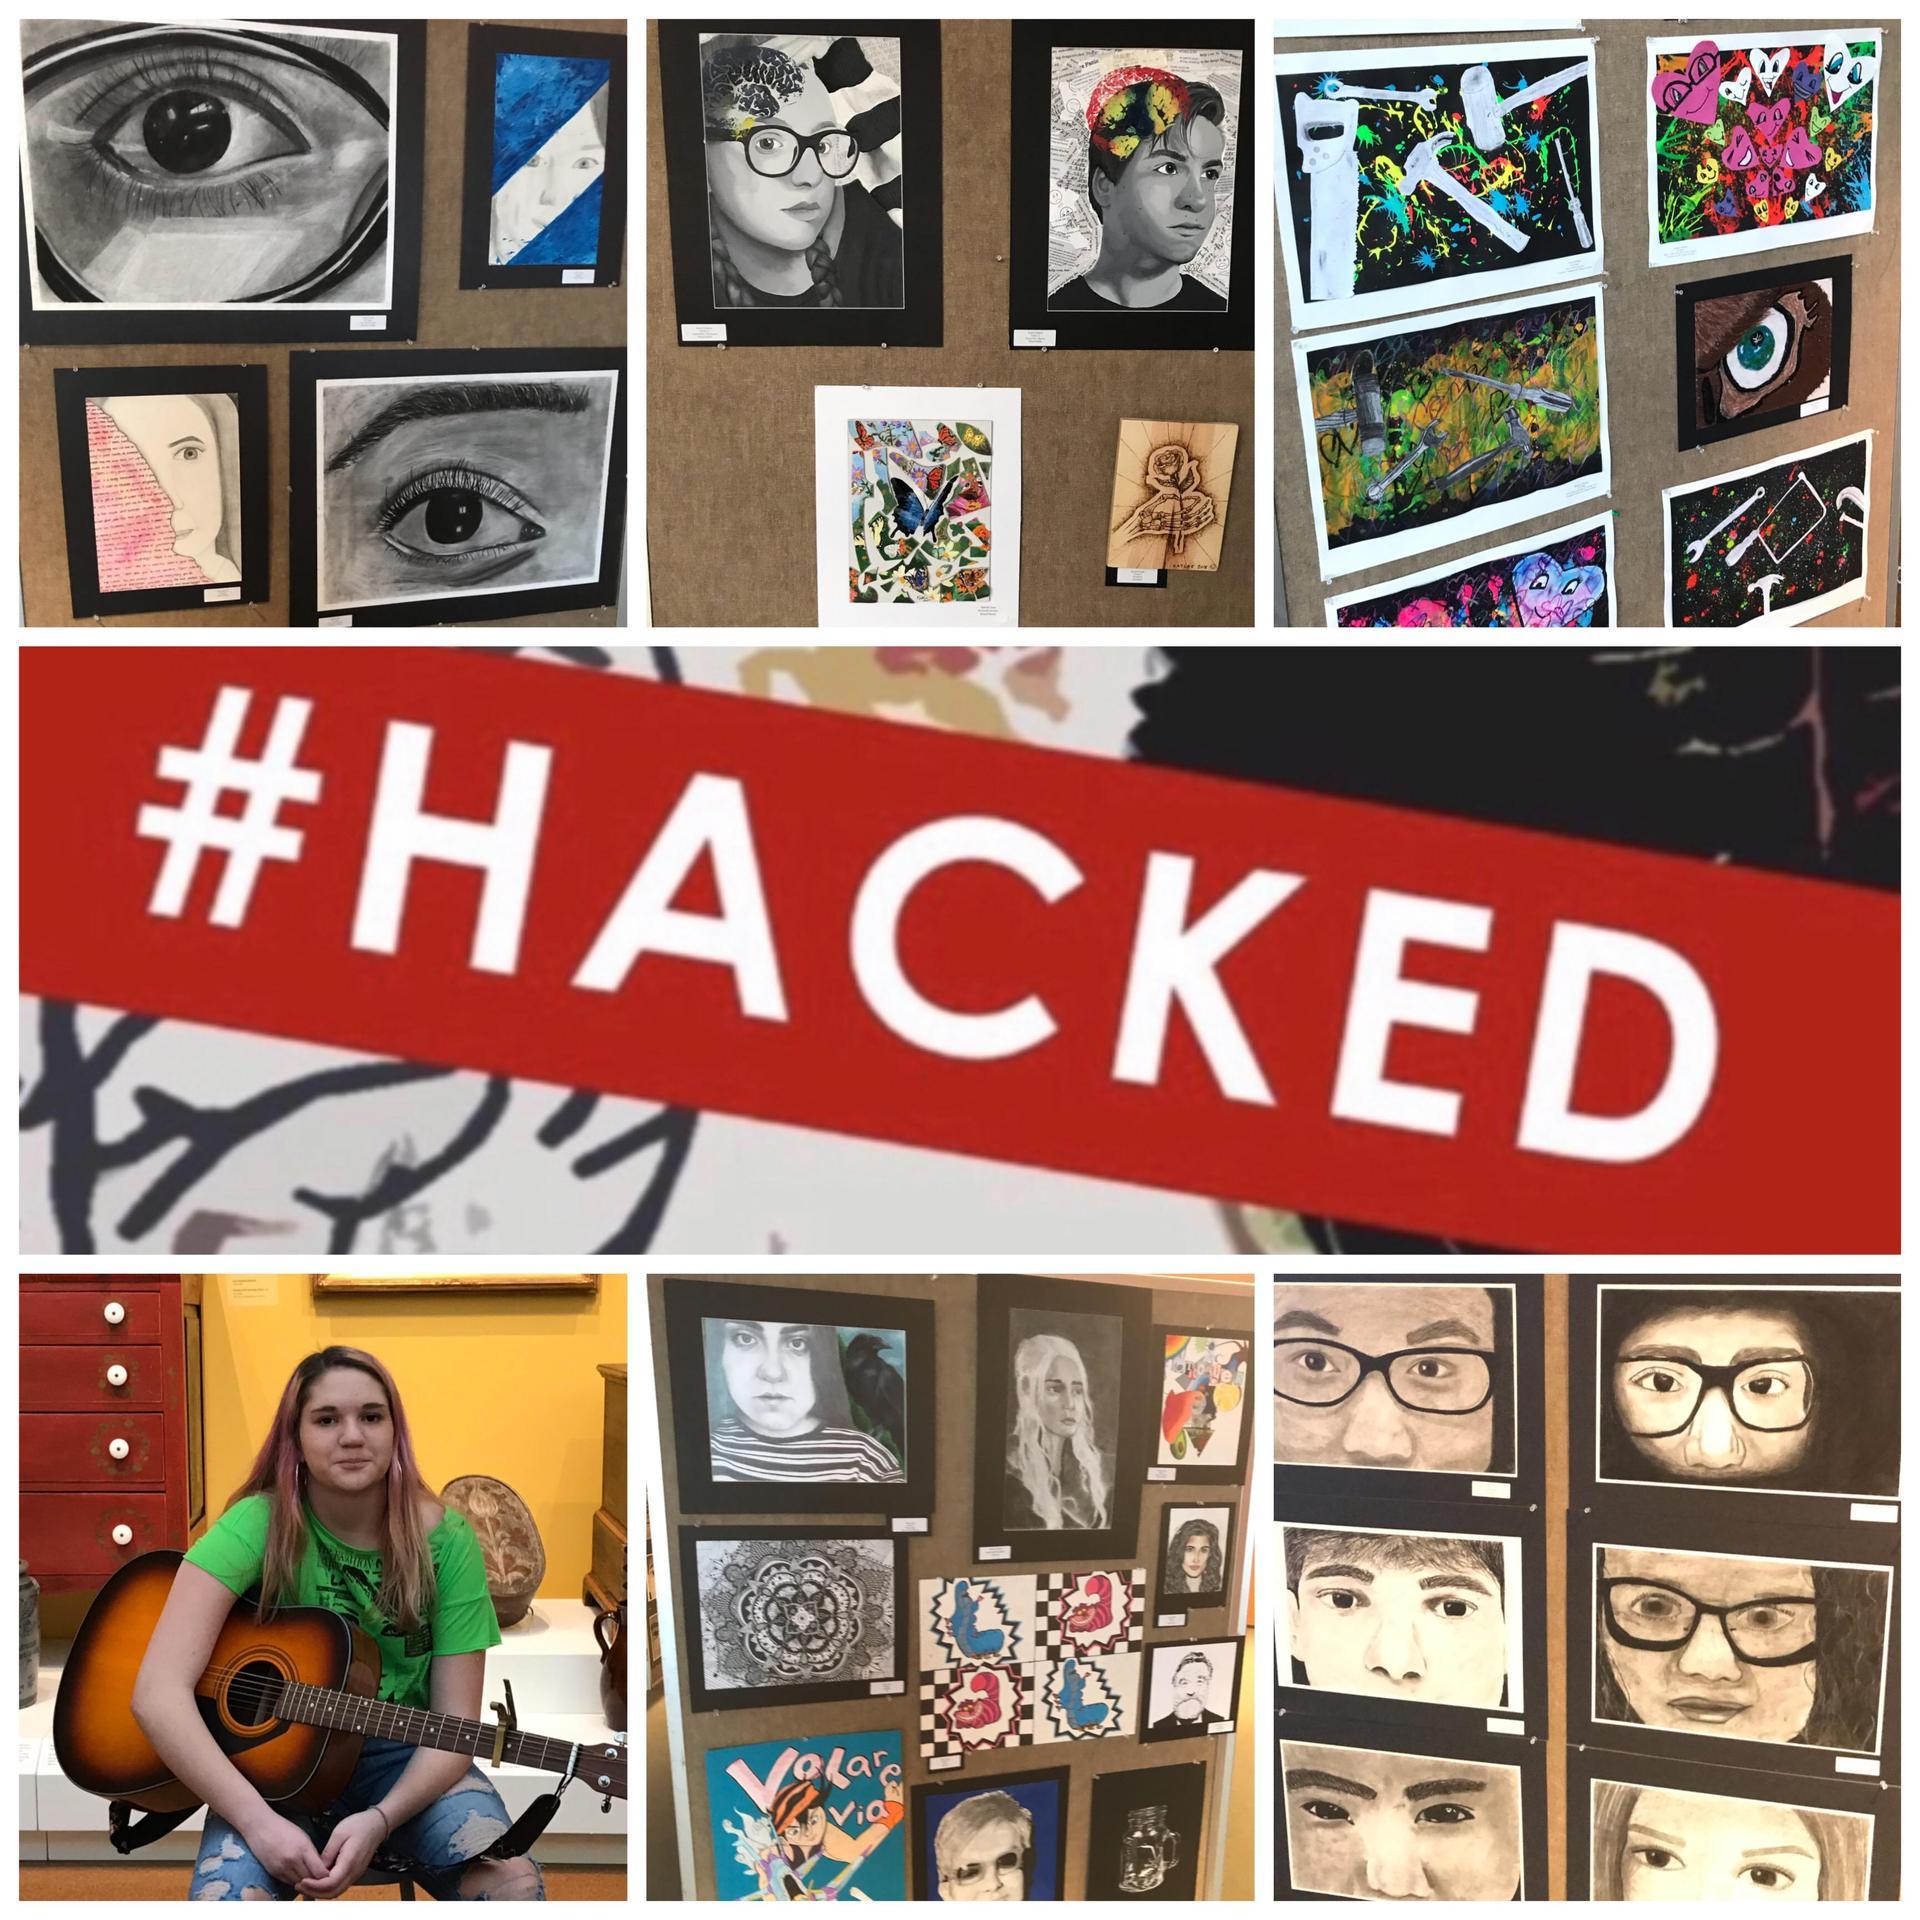 #HACKED artshow